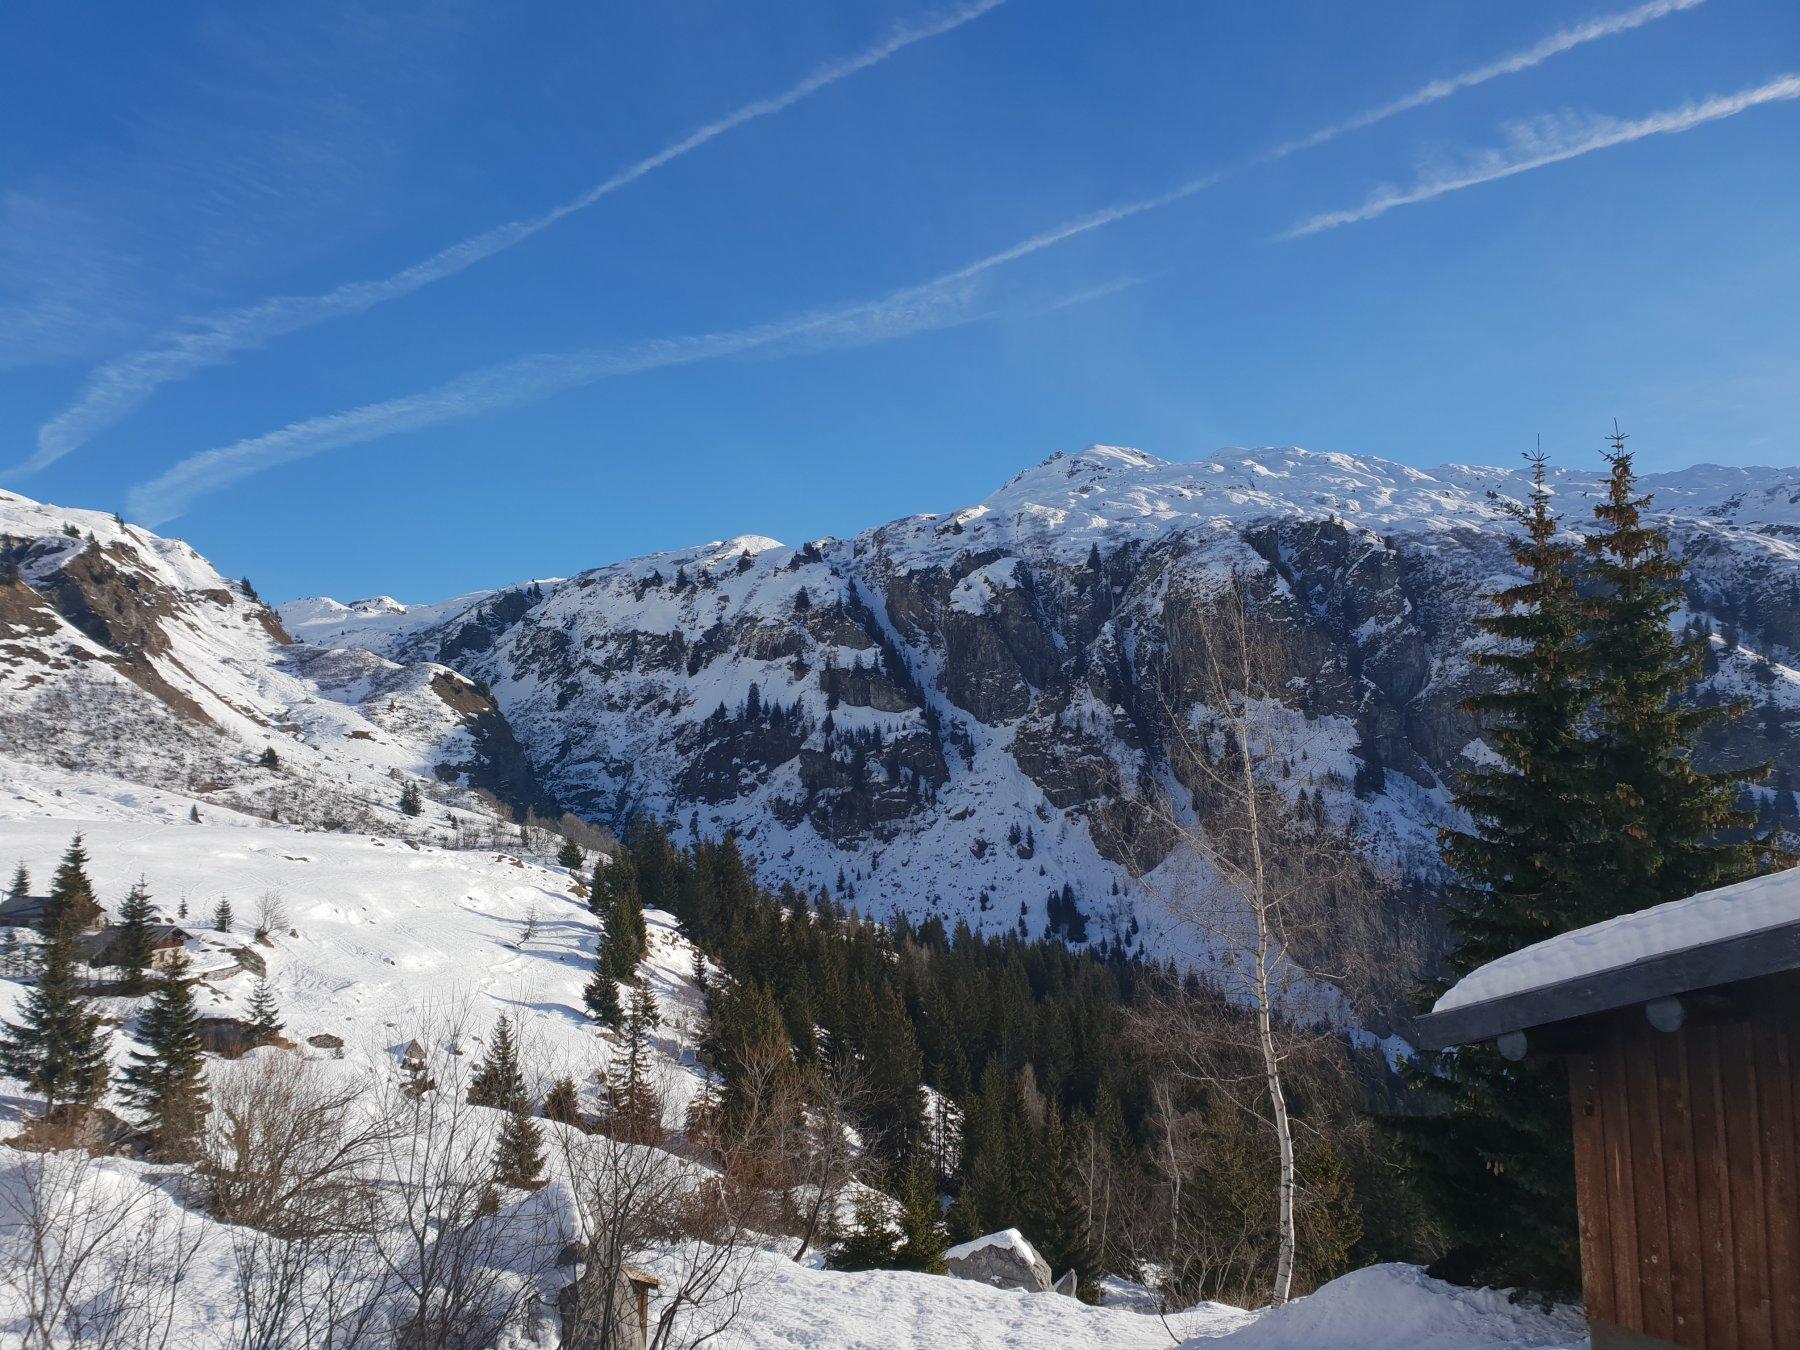 La valle di salita. A destra la Tete noire de Pormenaz, interessante alternativa di maggior soddisfazione sciistica.